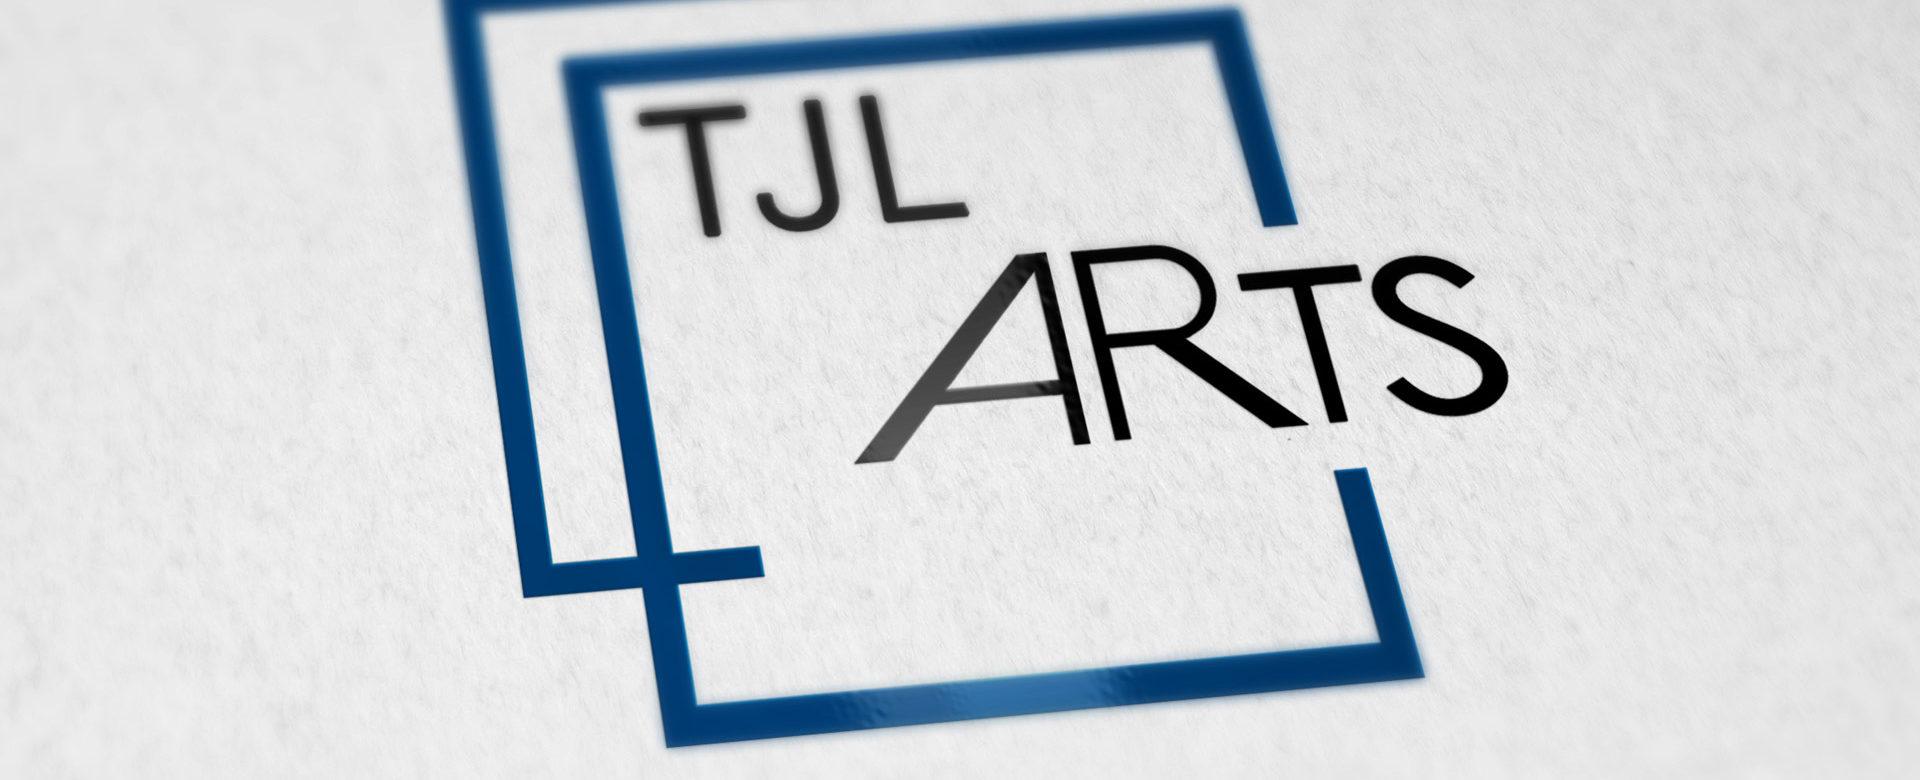 tjl-arts-logo-corse